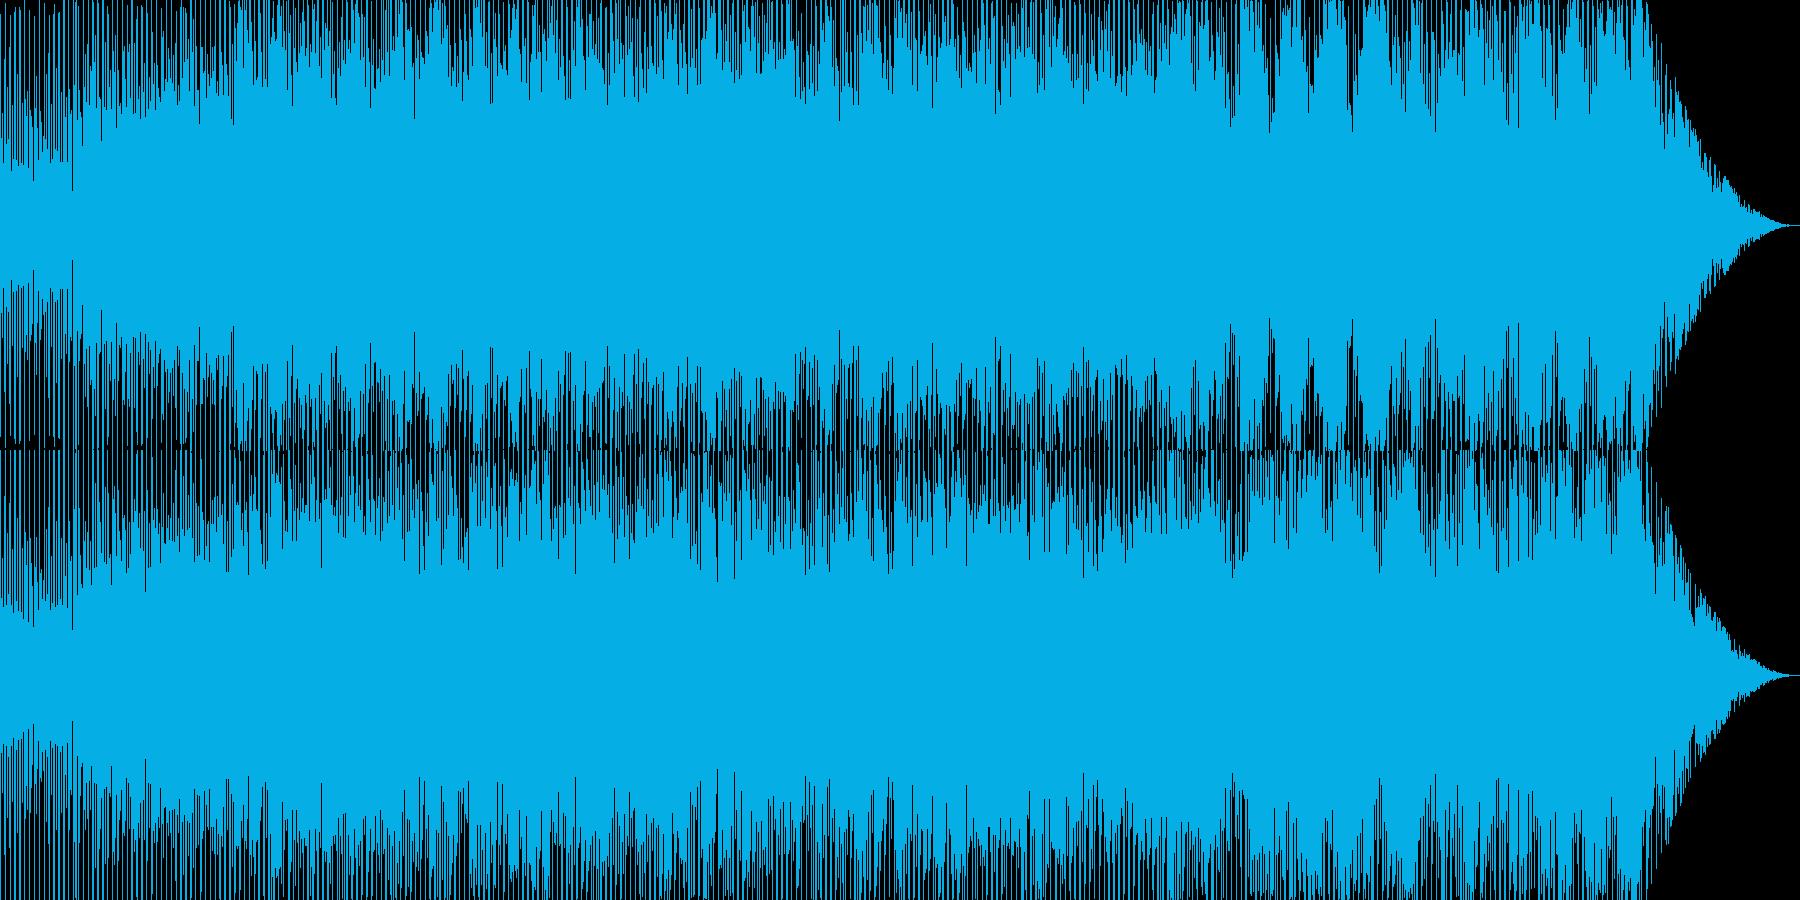 明るいシンセリフが印象的なトランス風楽曲の再生済みの波形